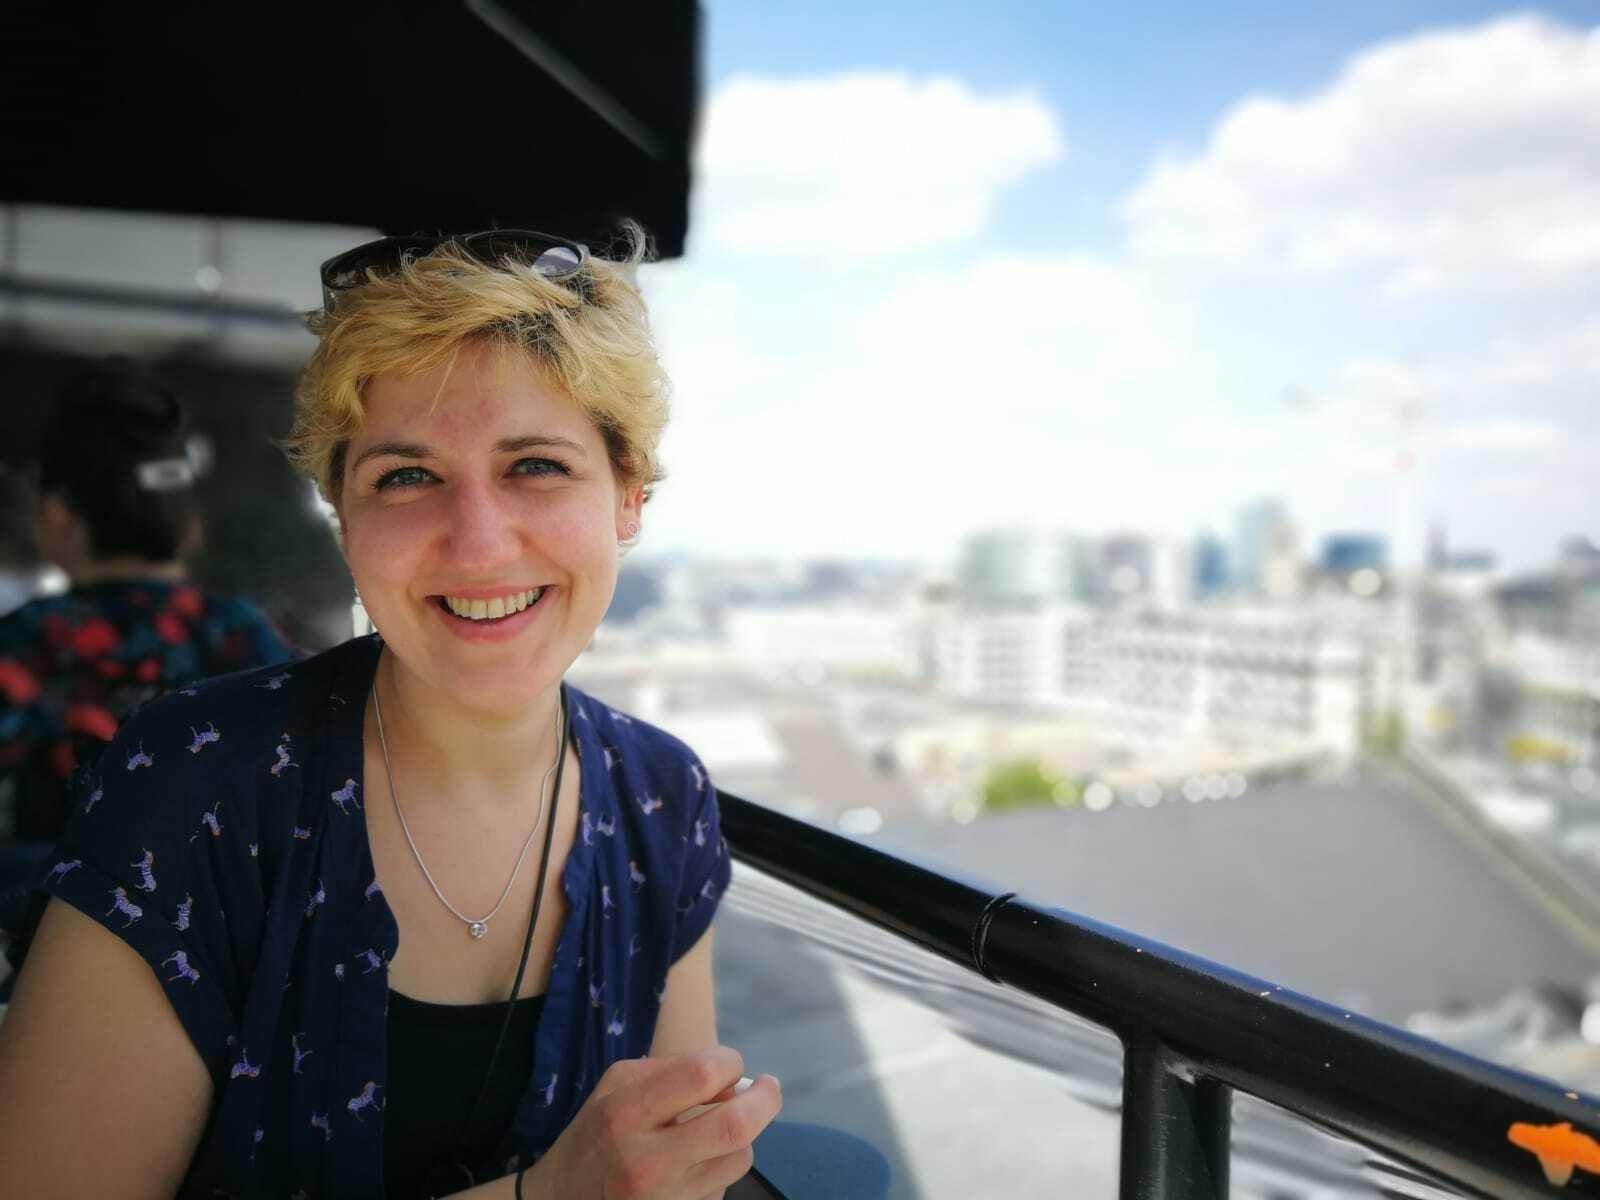 Hannah Brüggemann bei sommerlichem Wetter mit kurzärmeliger, dunkelblauer Bluse und blonden Haaren vor einem weiten Horizont.